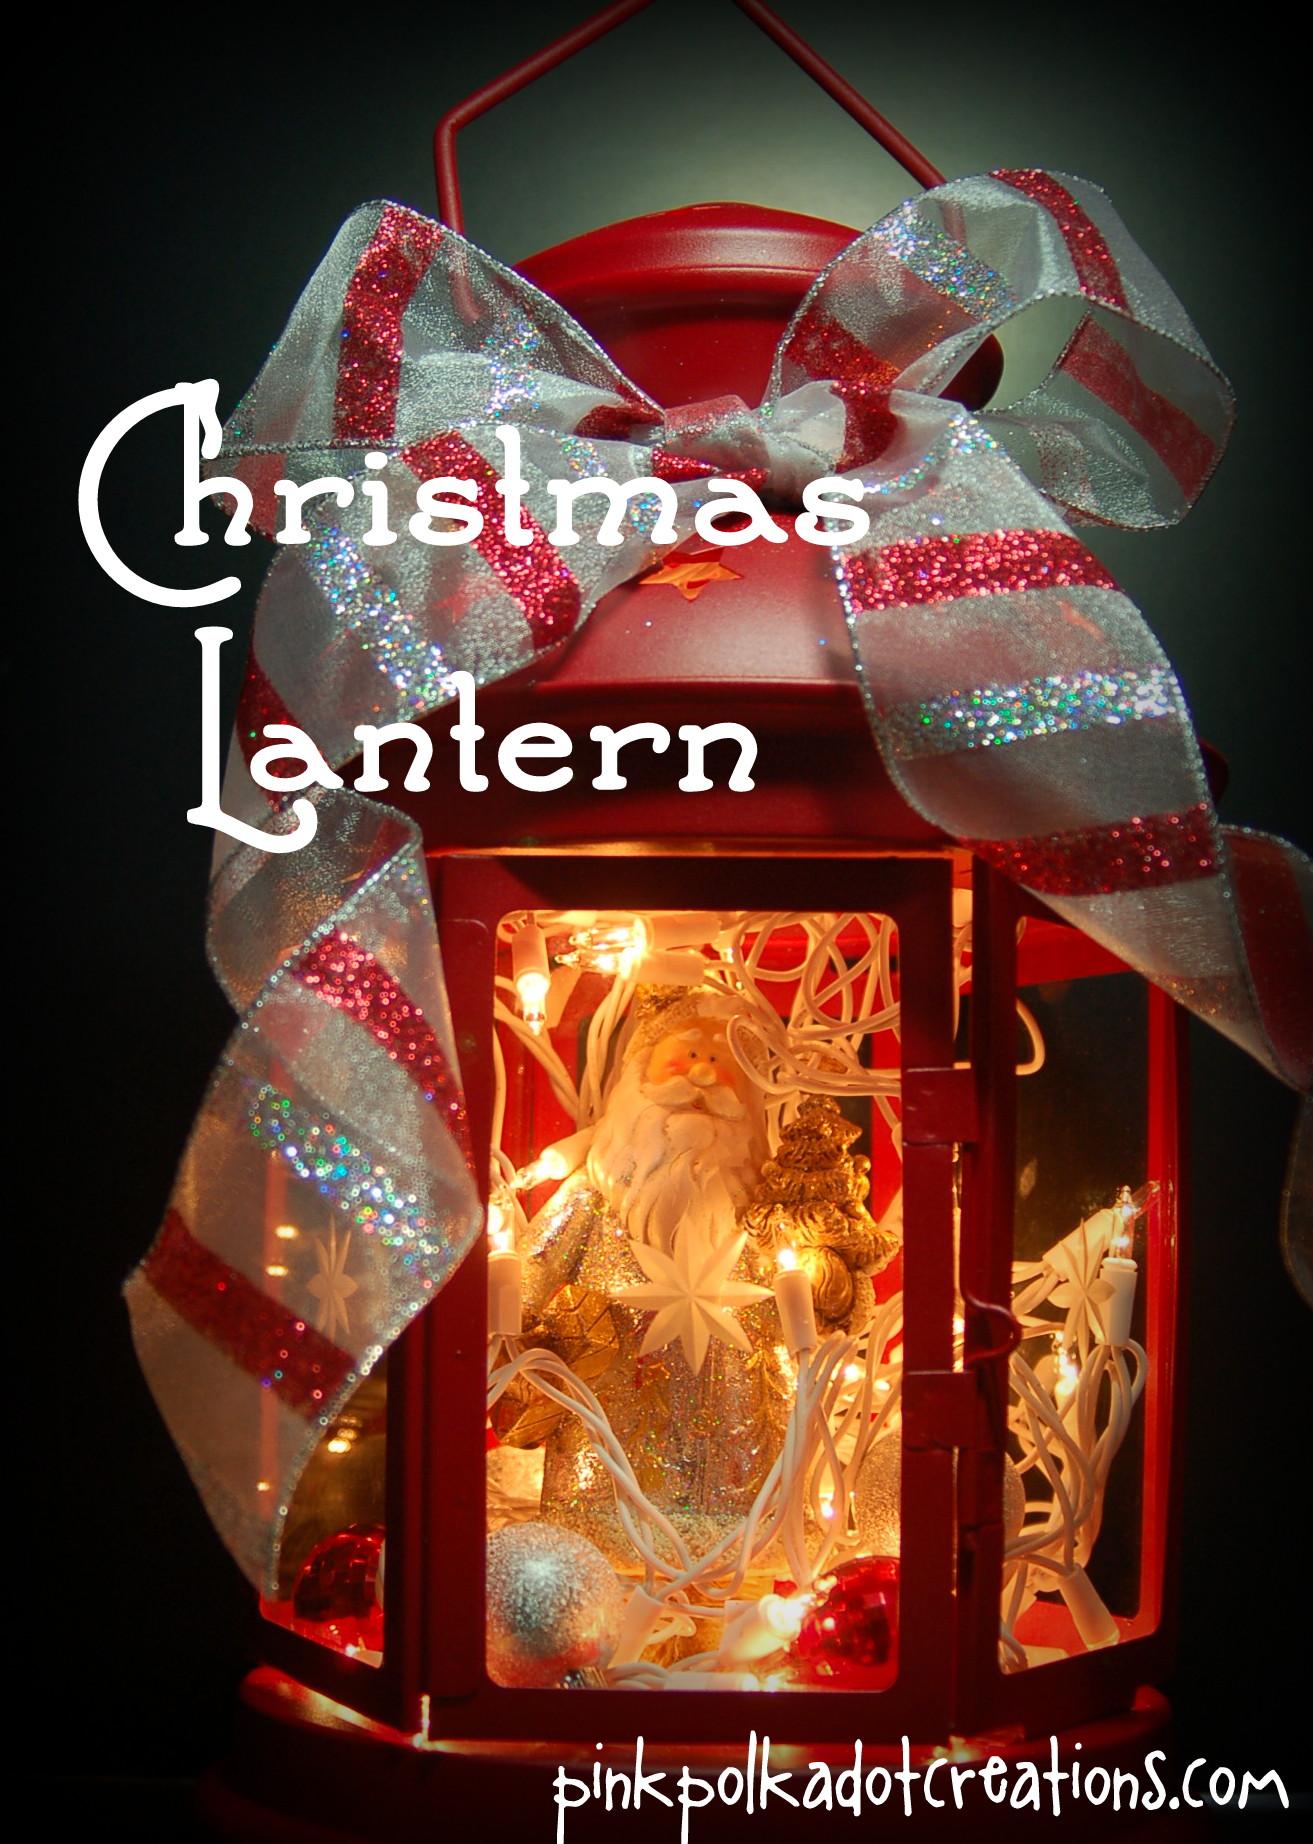 Light-up Christmas Lantern - Pink Polka Dot Creations